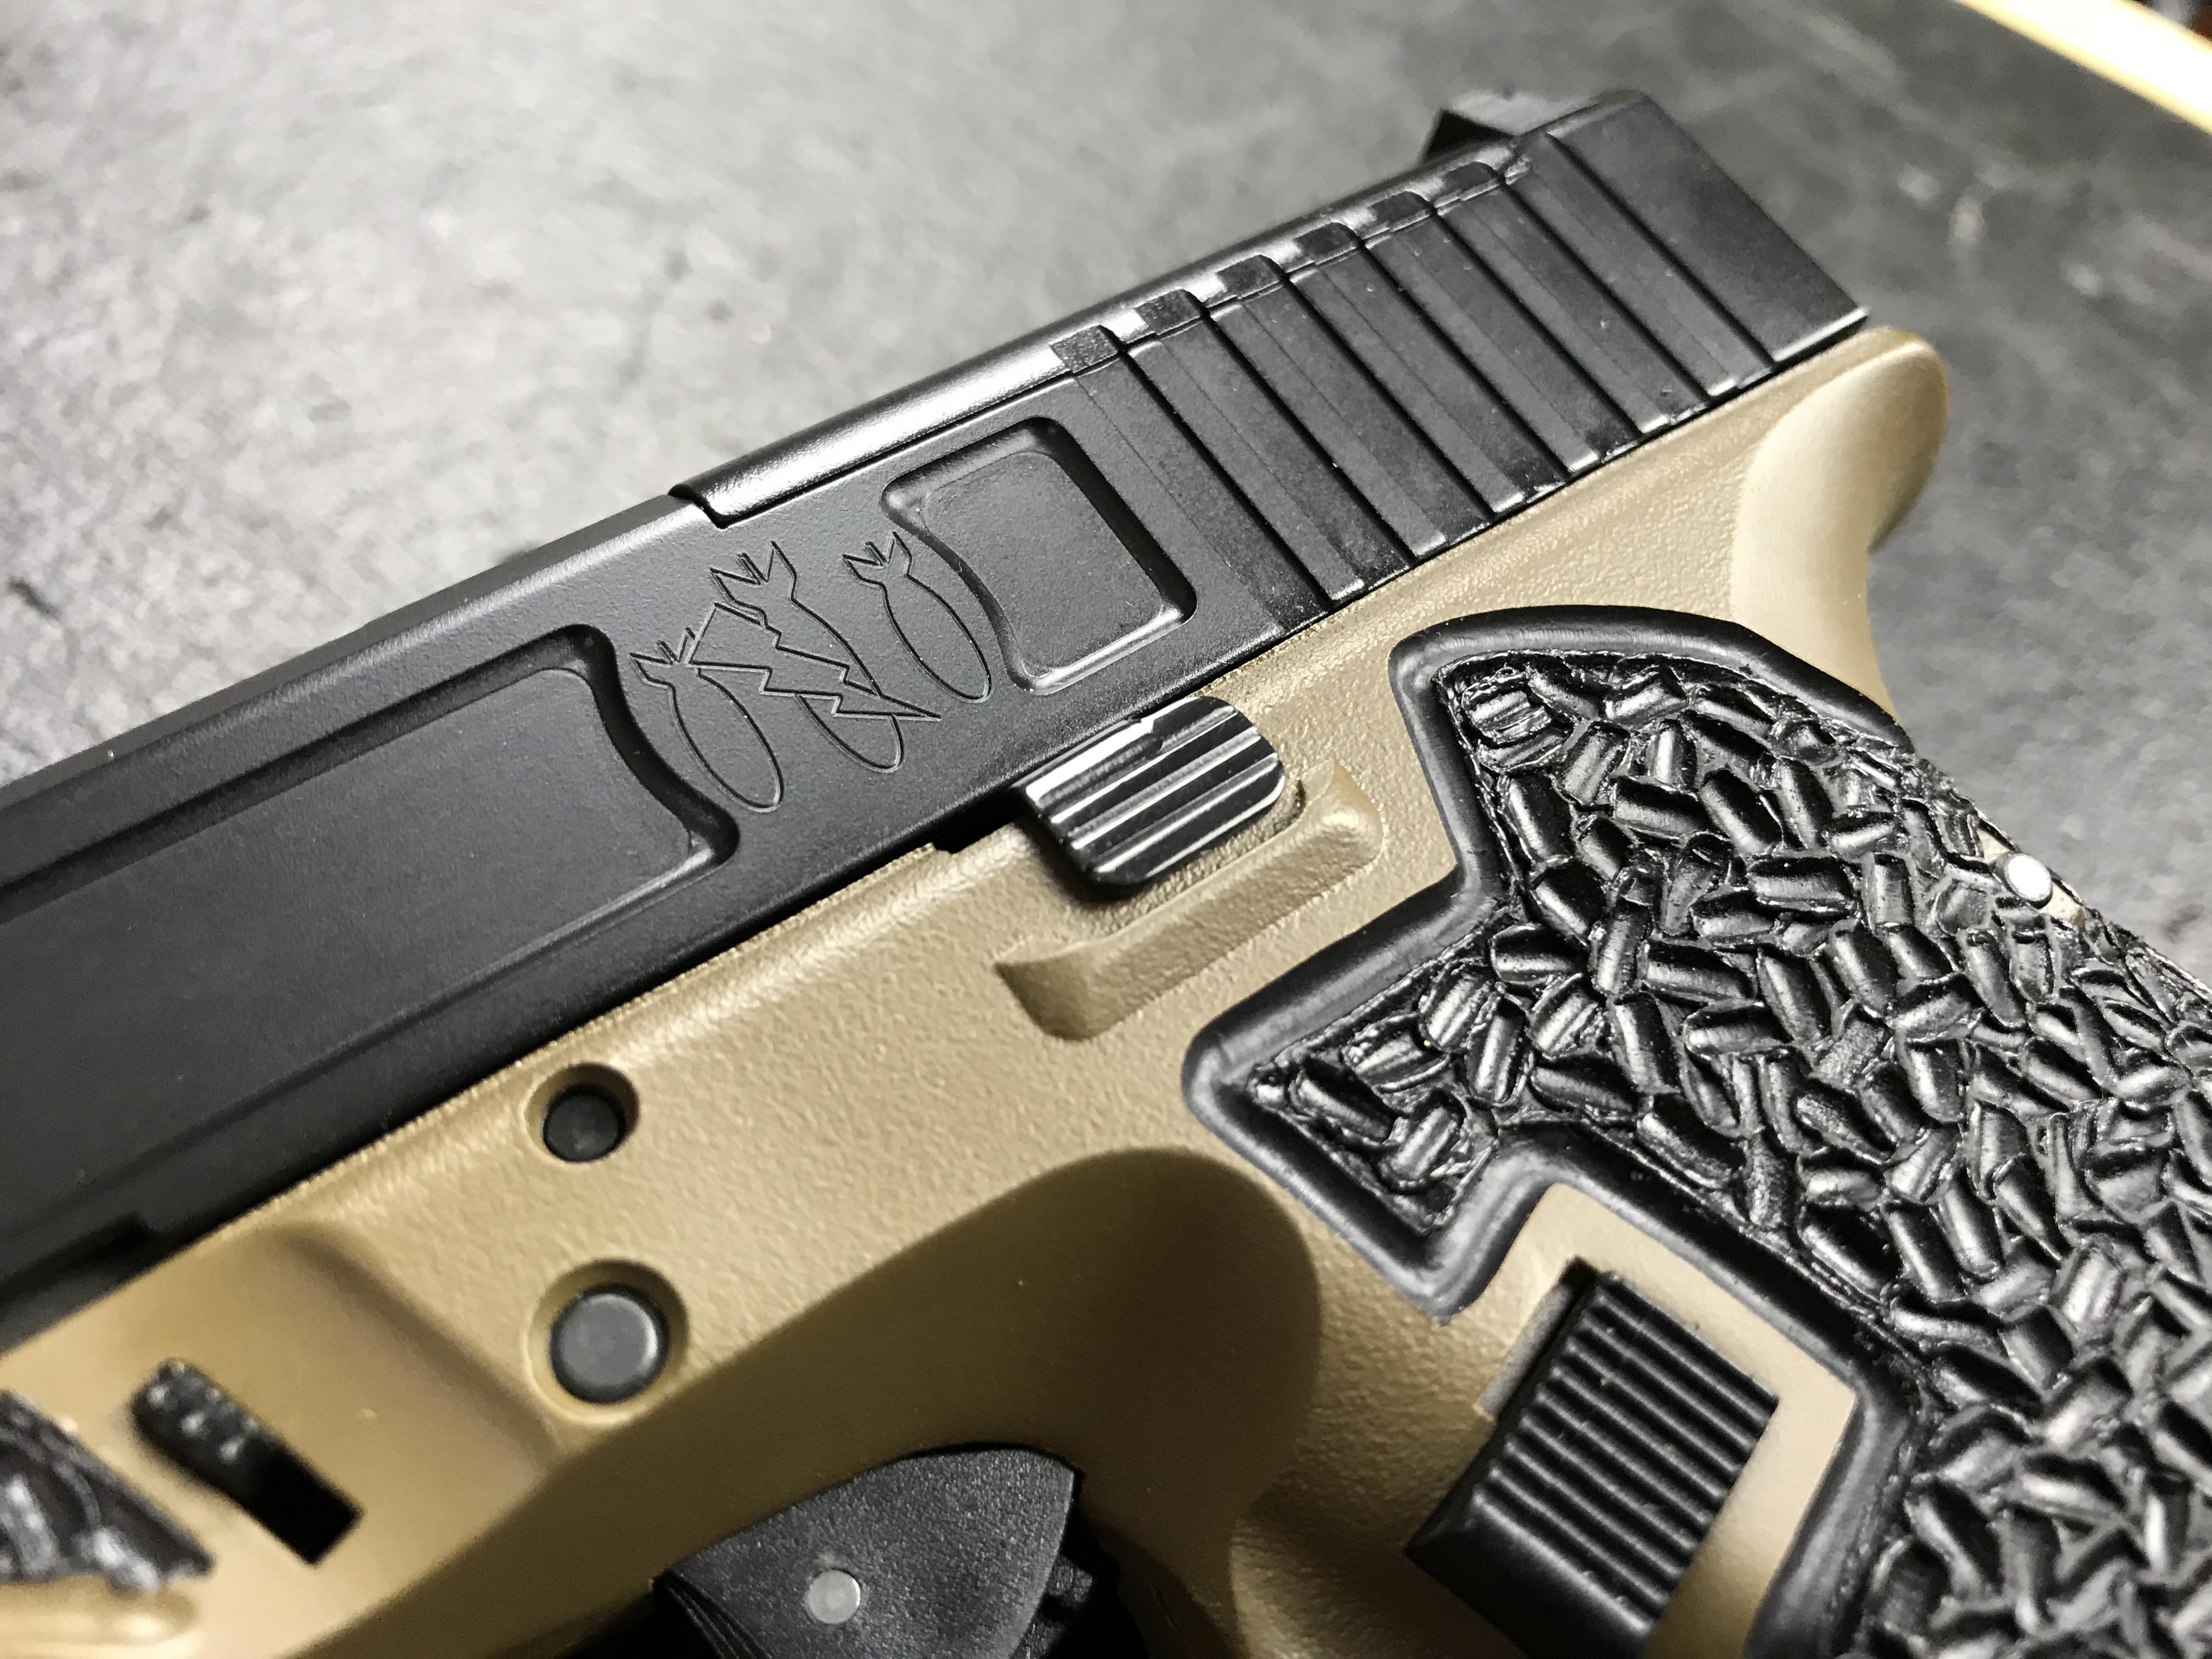 Danger Close Armament Signature GLOCK 19 Unboxing | 8541 TACTICAL